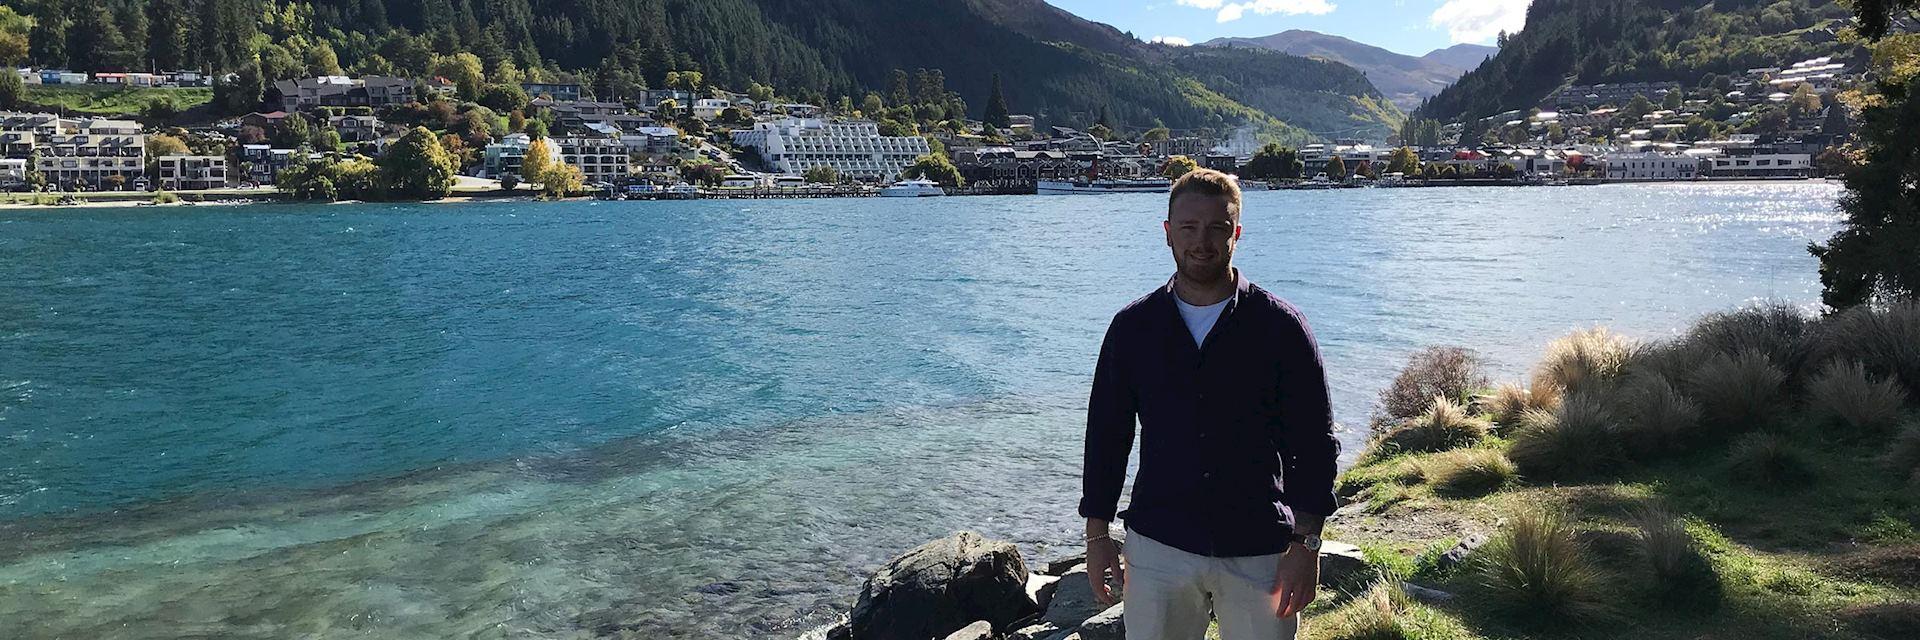 David visiting Queenstown, New Zealand